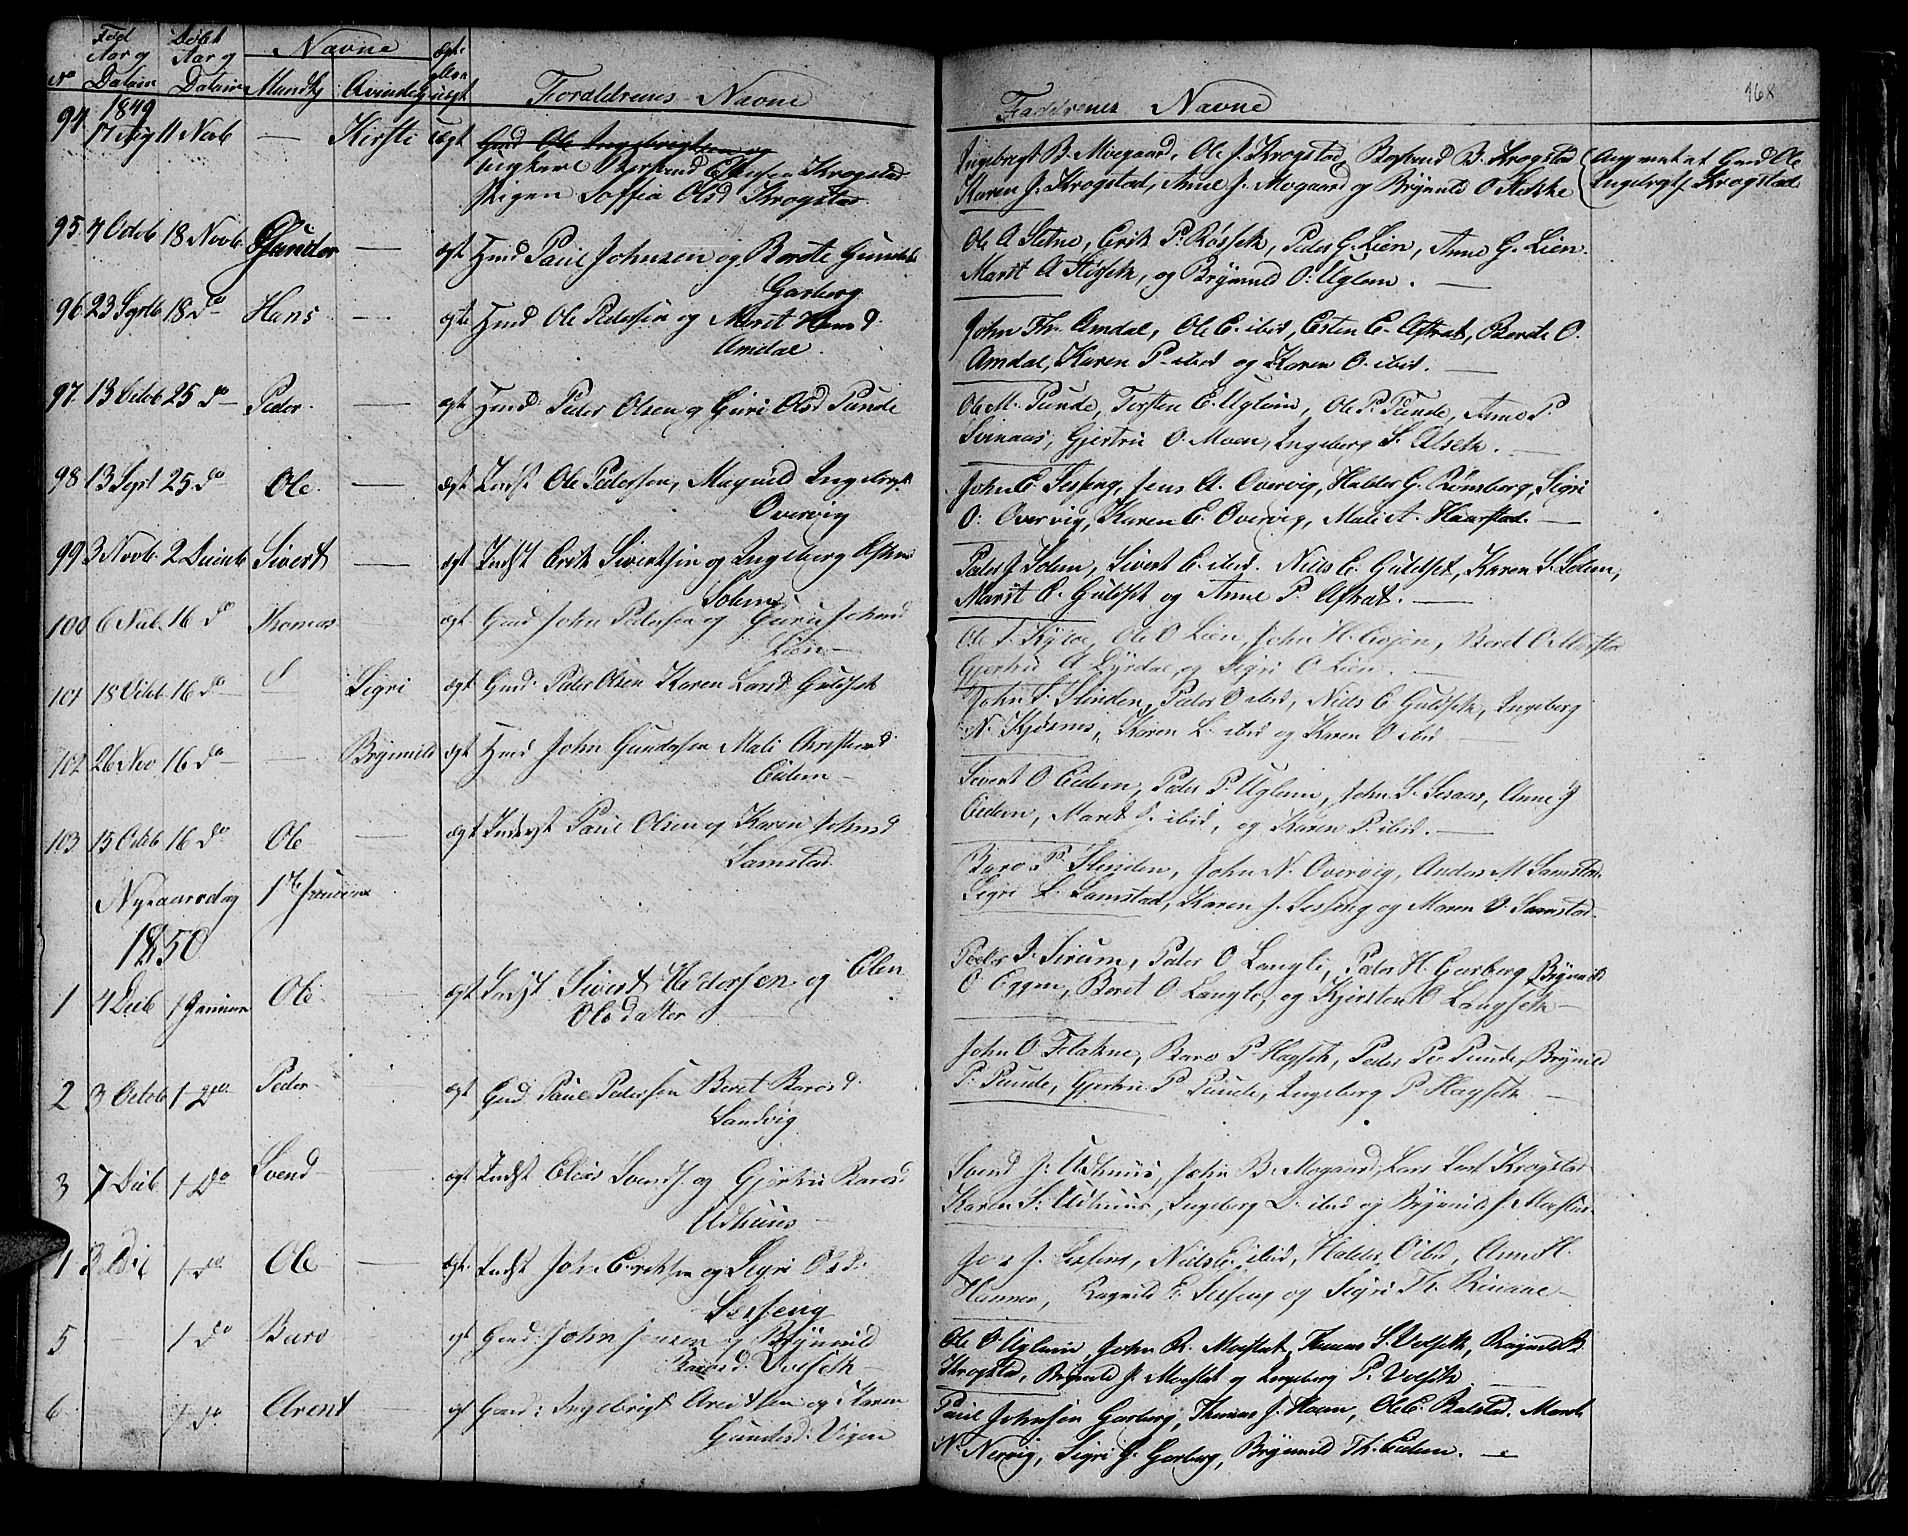 SAT, Ministerialprotokoller, klokkerbøker og fødselsregistre - Sør-Trøndelag, 695/L1154: Klokkerbok nr. 695C05, 1842-1858, s. 168